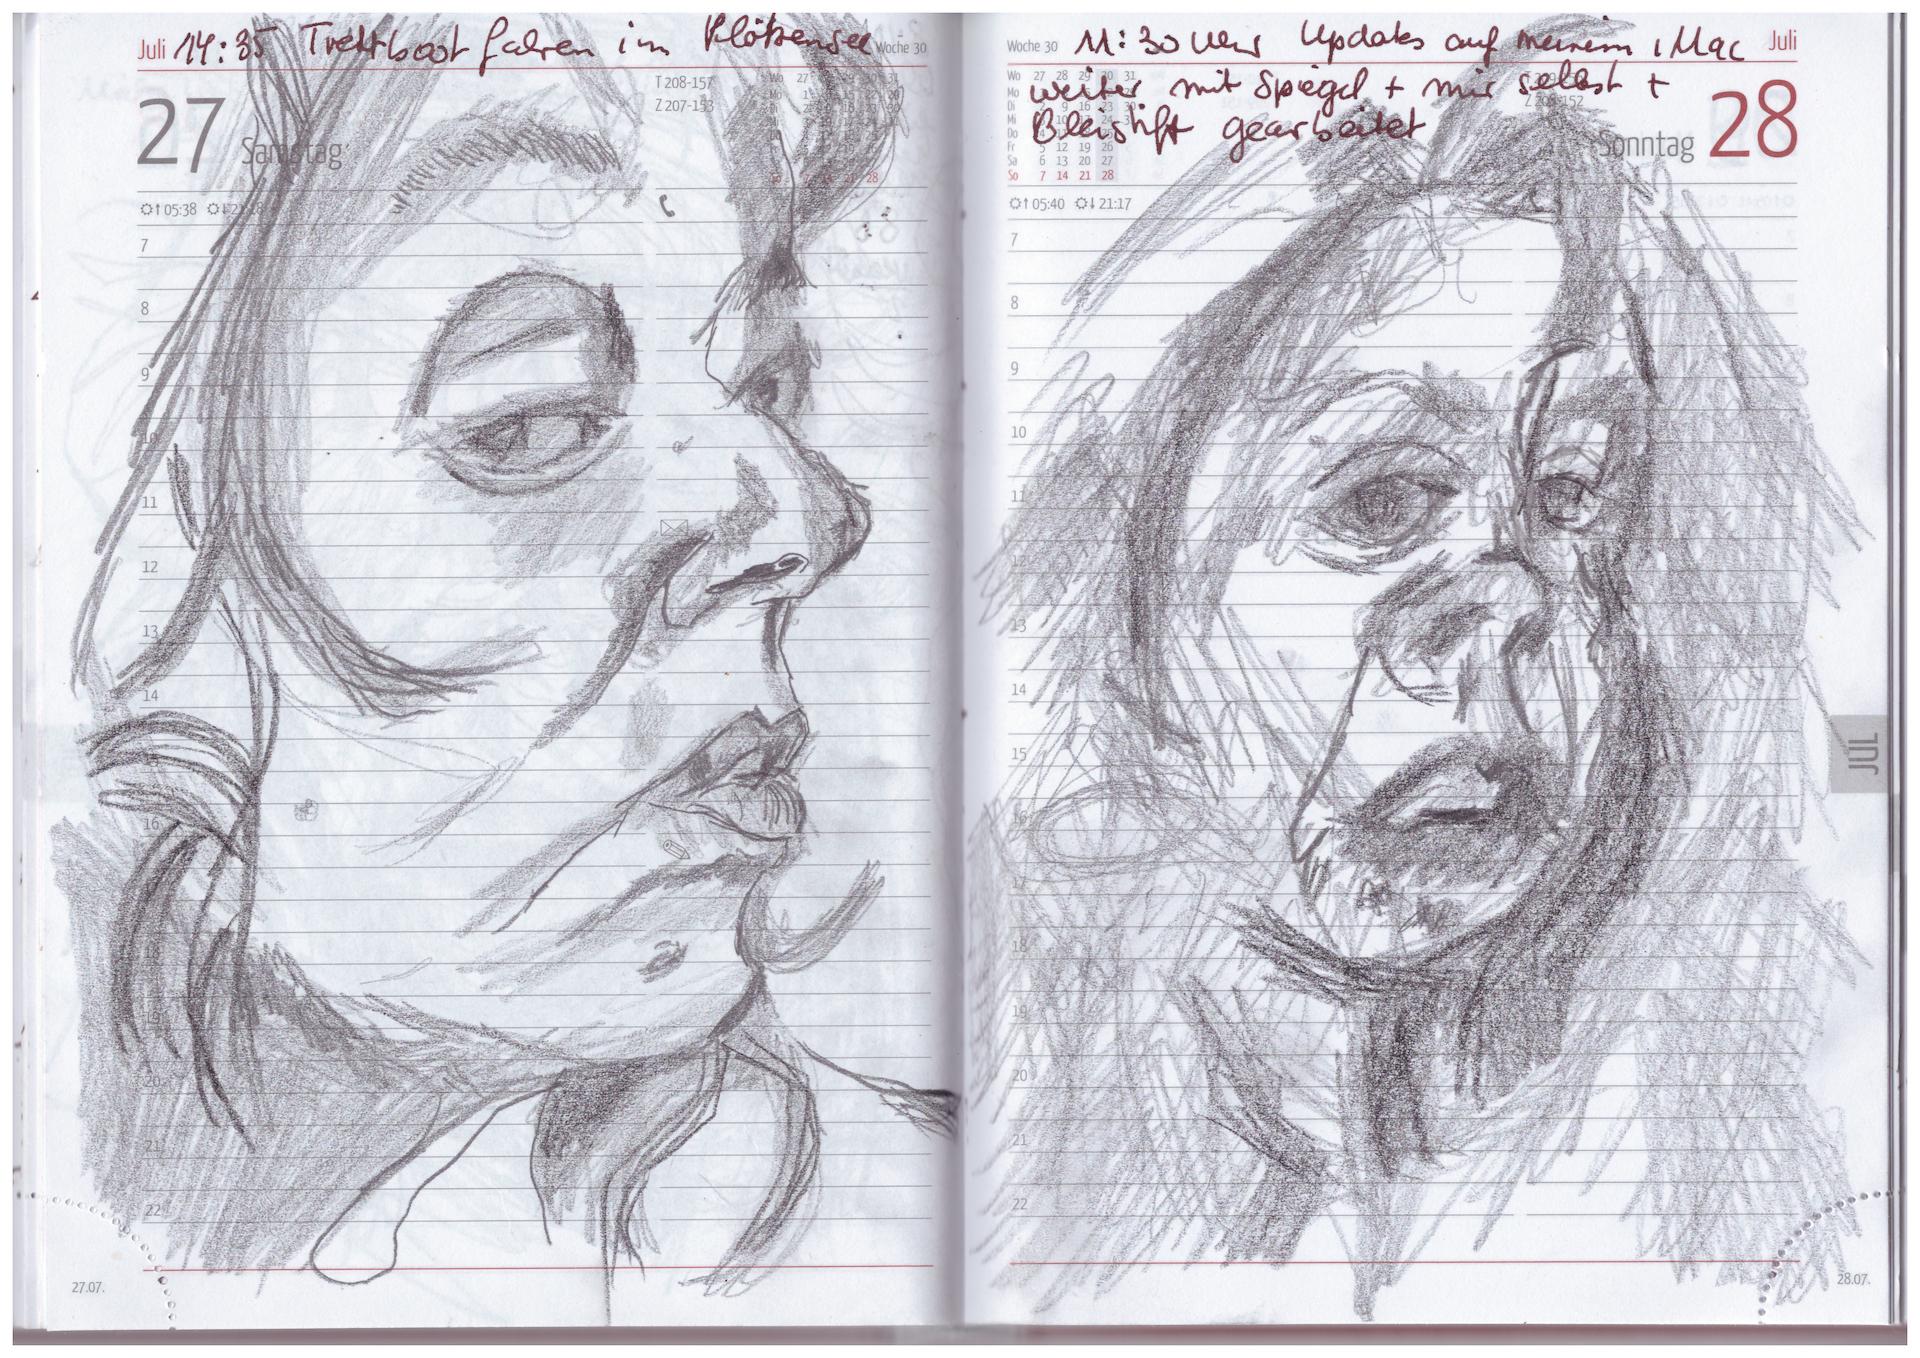 Selbstportraitkalender 19.7. - 31.7.2019, Zeichnung von Susanne Haun (c) VG Bild-Kunst, Bonn 2019